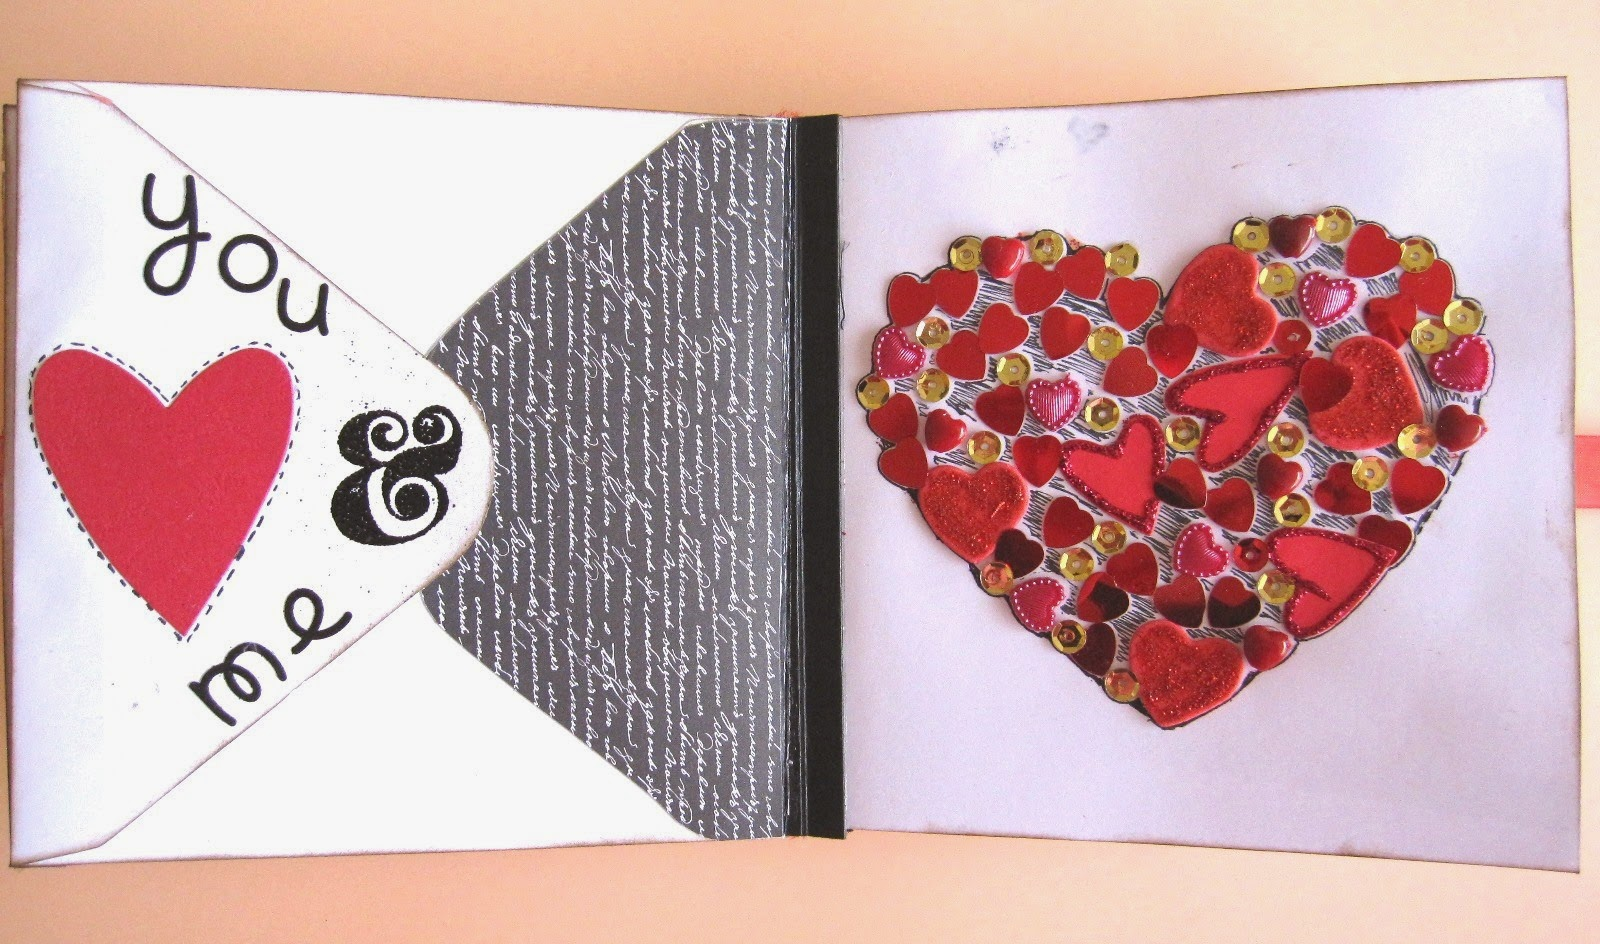 El caj n desastre de isa decoraci n interior del love - Decoracion de album de fotos ...